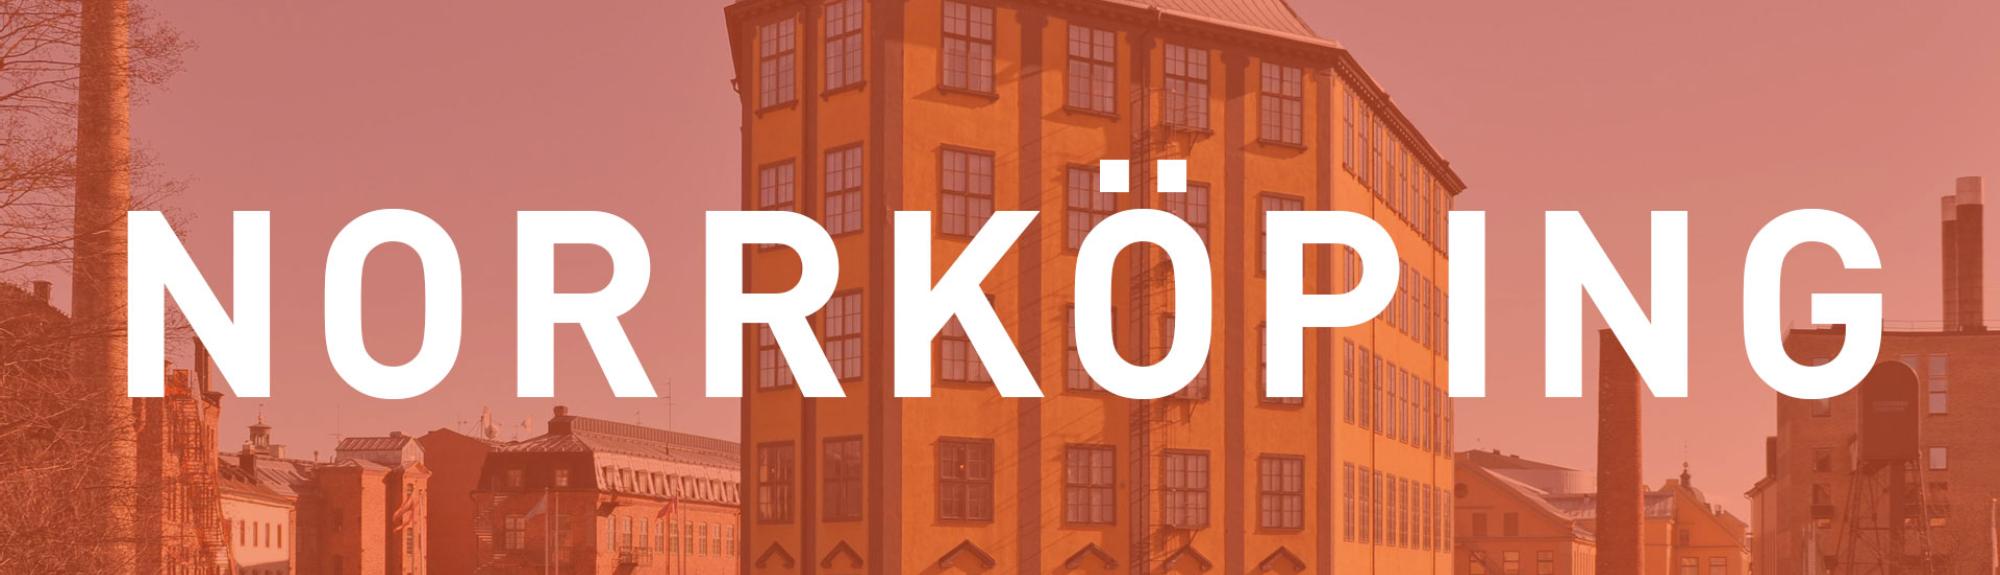 E-handel i Norrköping. Byggvaruhus i Norrköping. Handla online i Norrköping. Hemprodukter i Norrköping. Handla trädgårdsprodukter hos Villahome.se